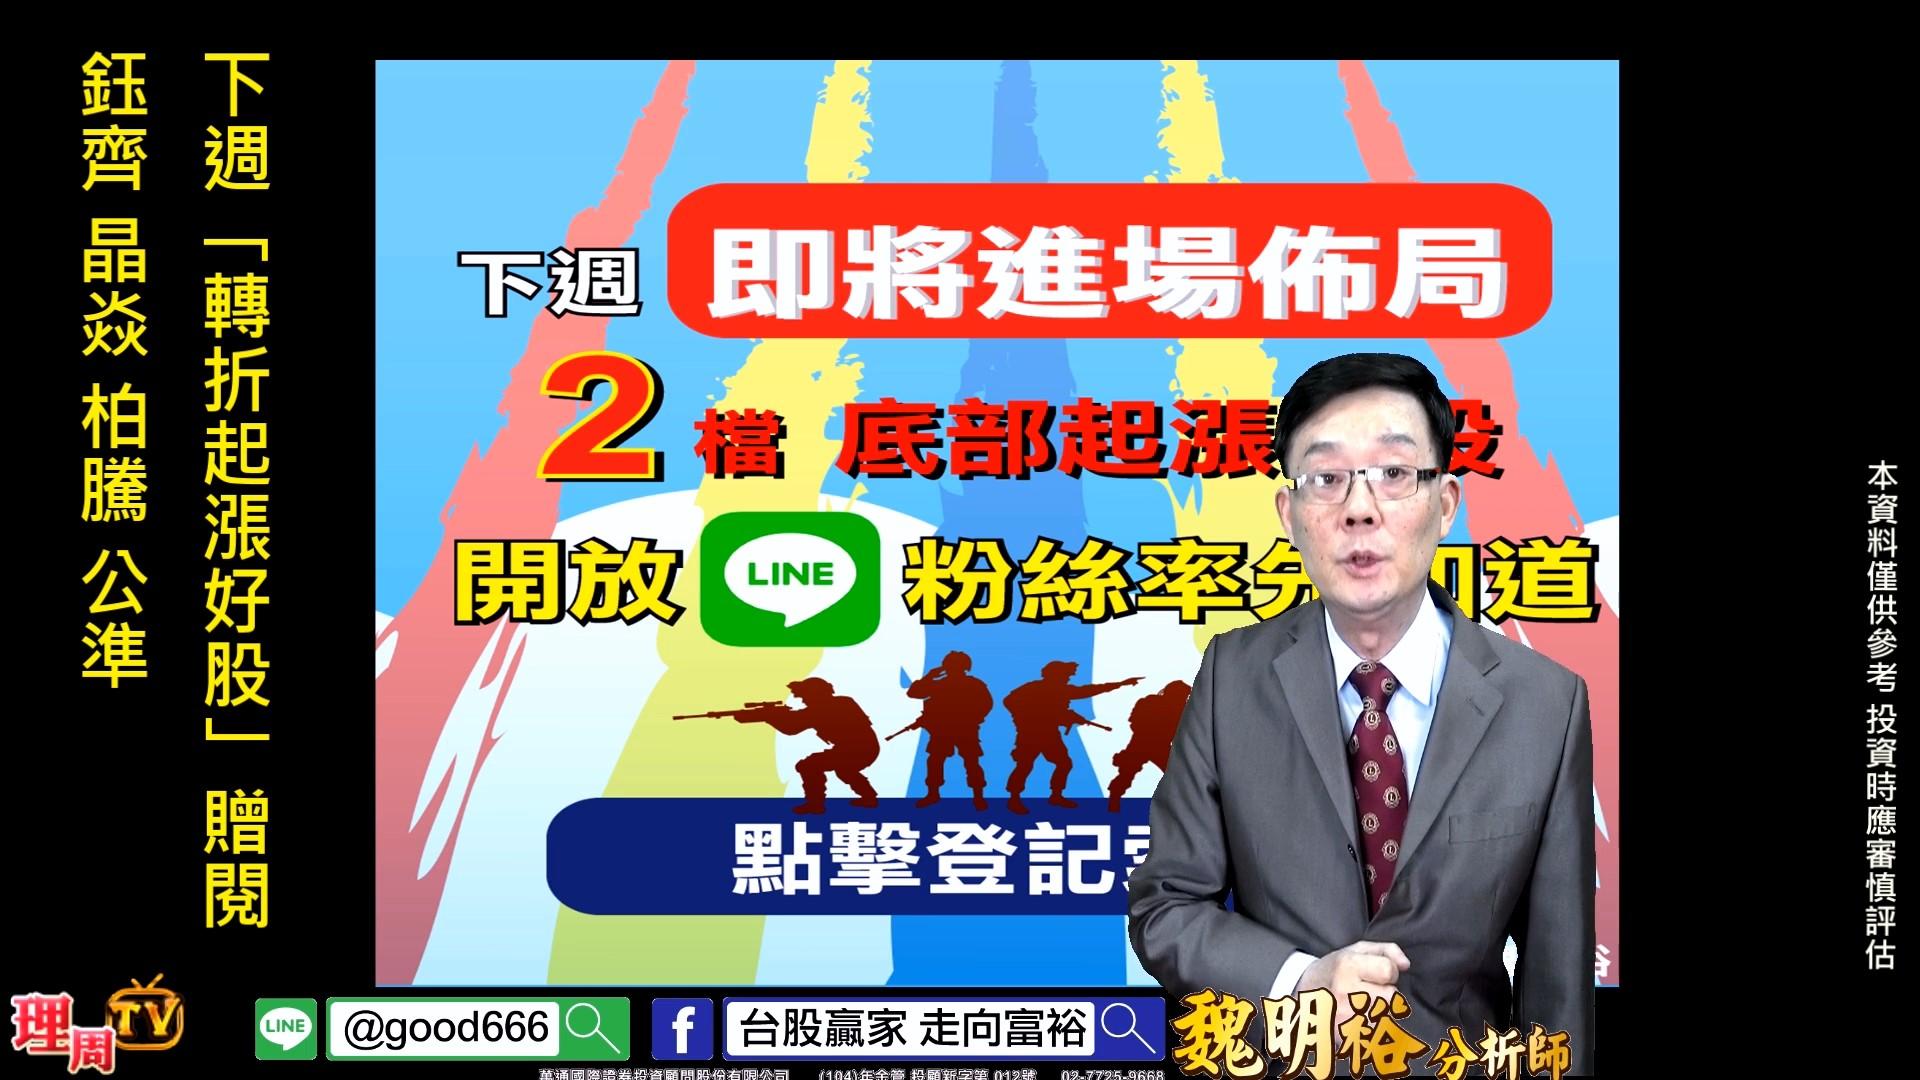 0117_下週「轉折起漲好股」贈閱 鈺齊 晶焱 柏騰 公準